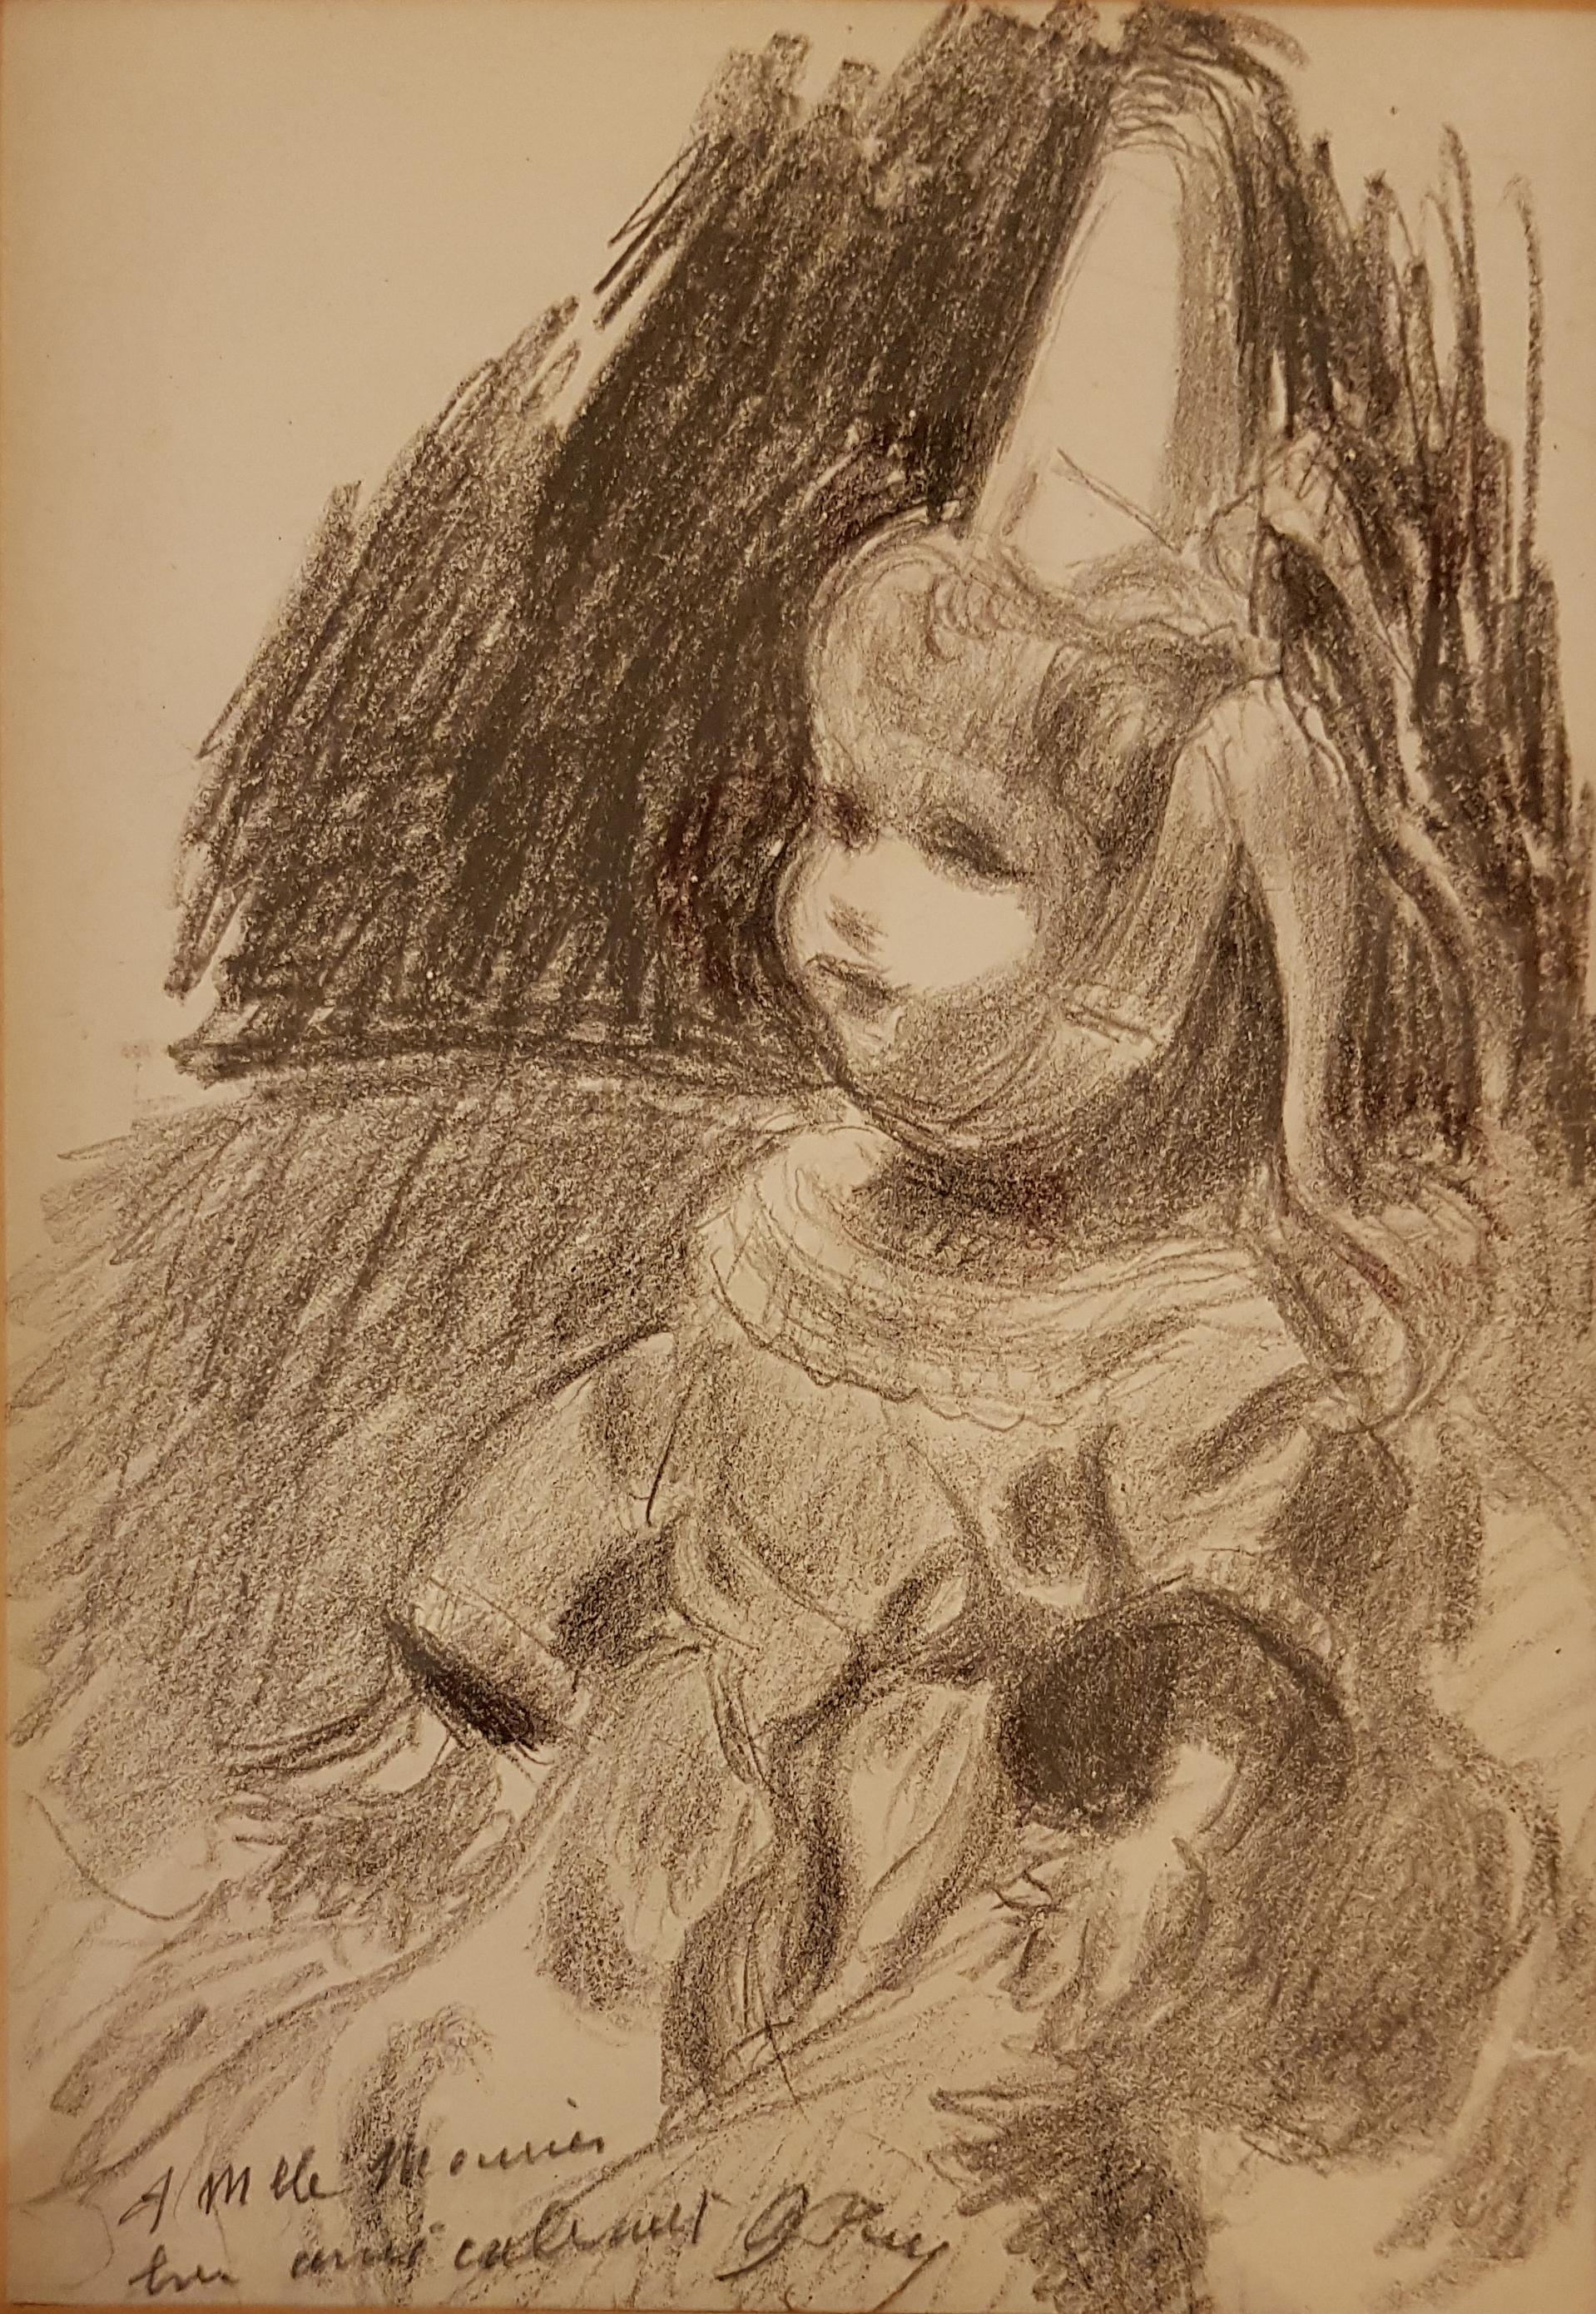 Poupée bigouden à la coiffe, 1920, Fusain sur papier, 40 x 30 cm, collection particulière